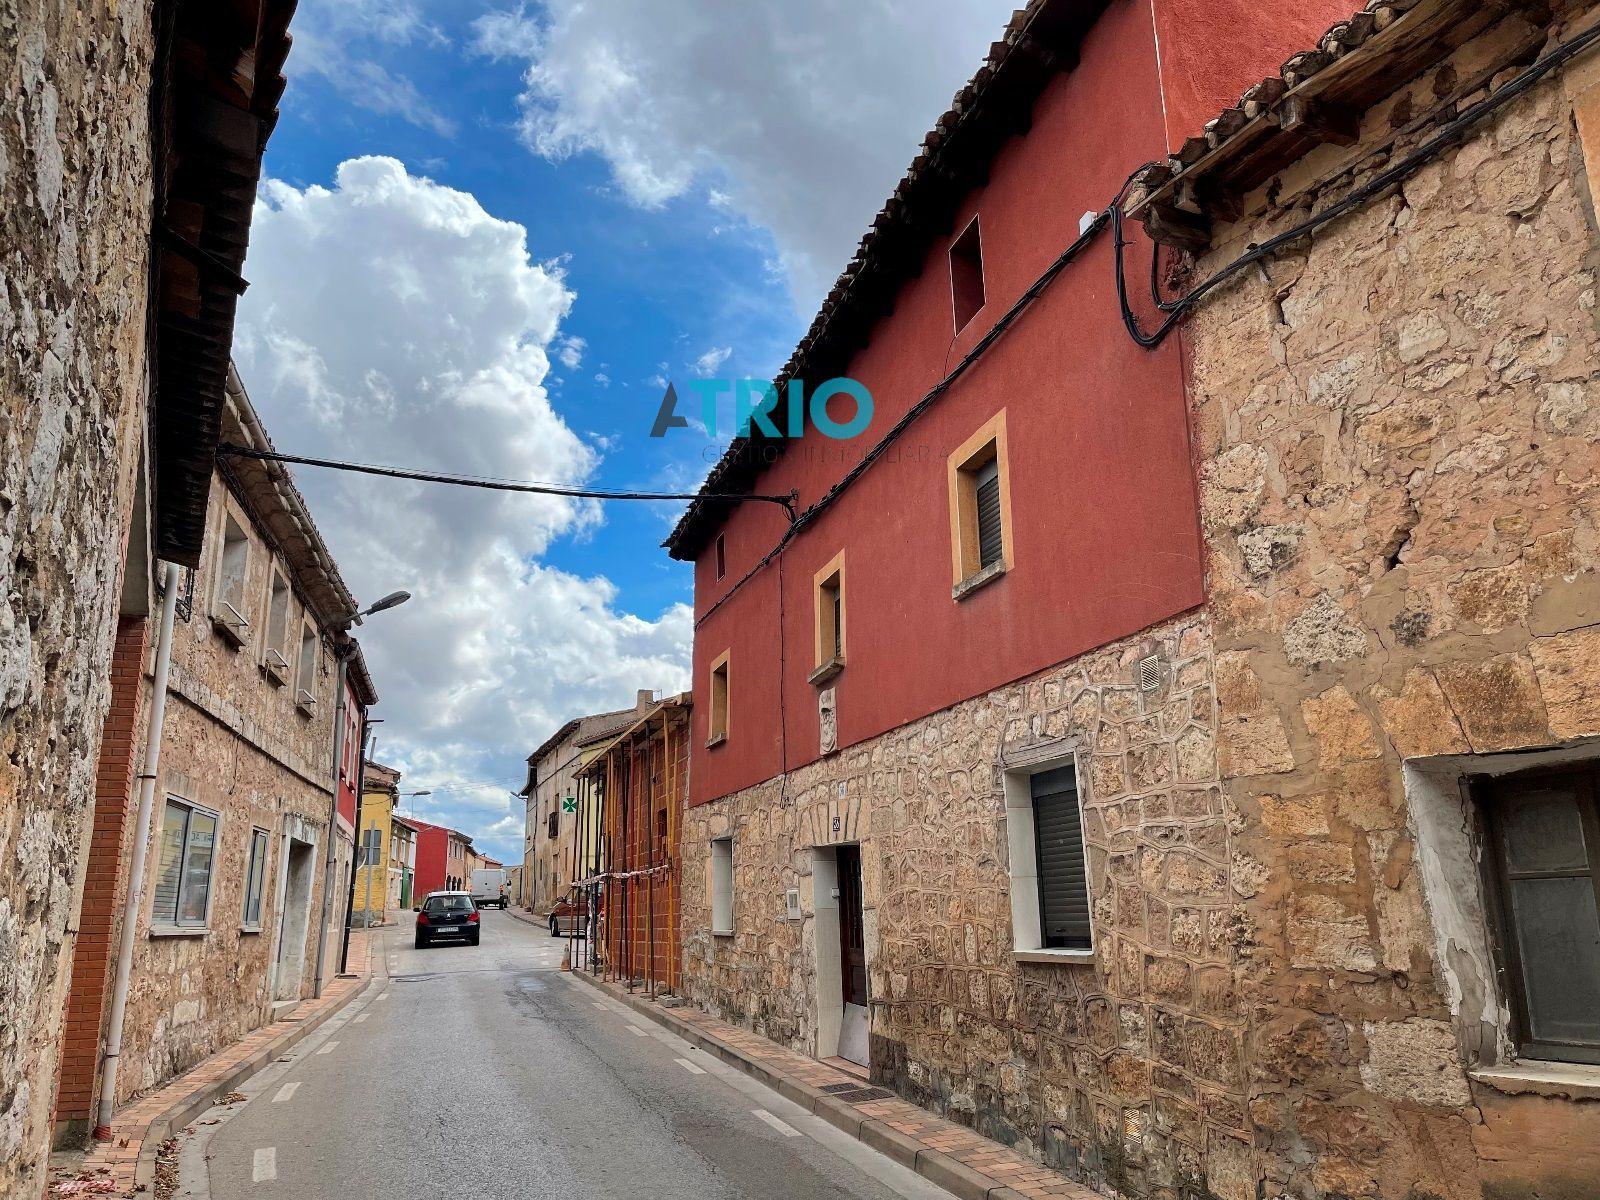 dia.mobiliagestion.es/Portals/inmoatrio/Images/7838/7446511